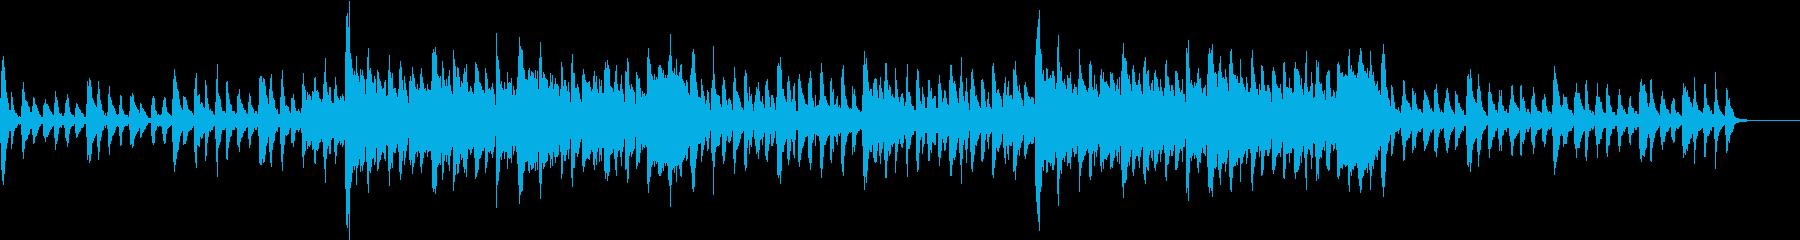 ダークキュートなハロウィンBGMの再生済みの波形